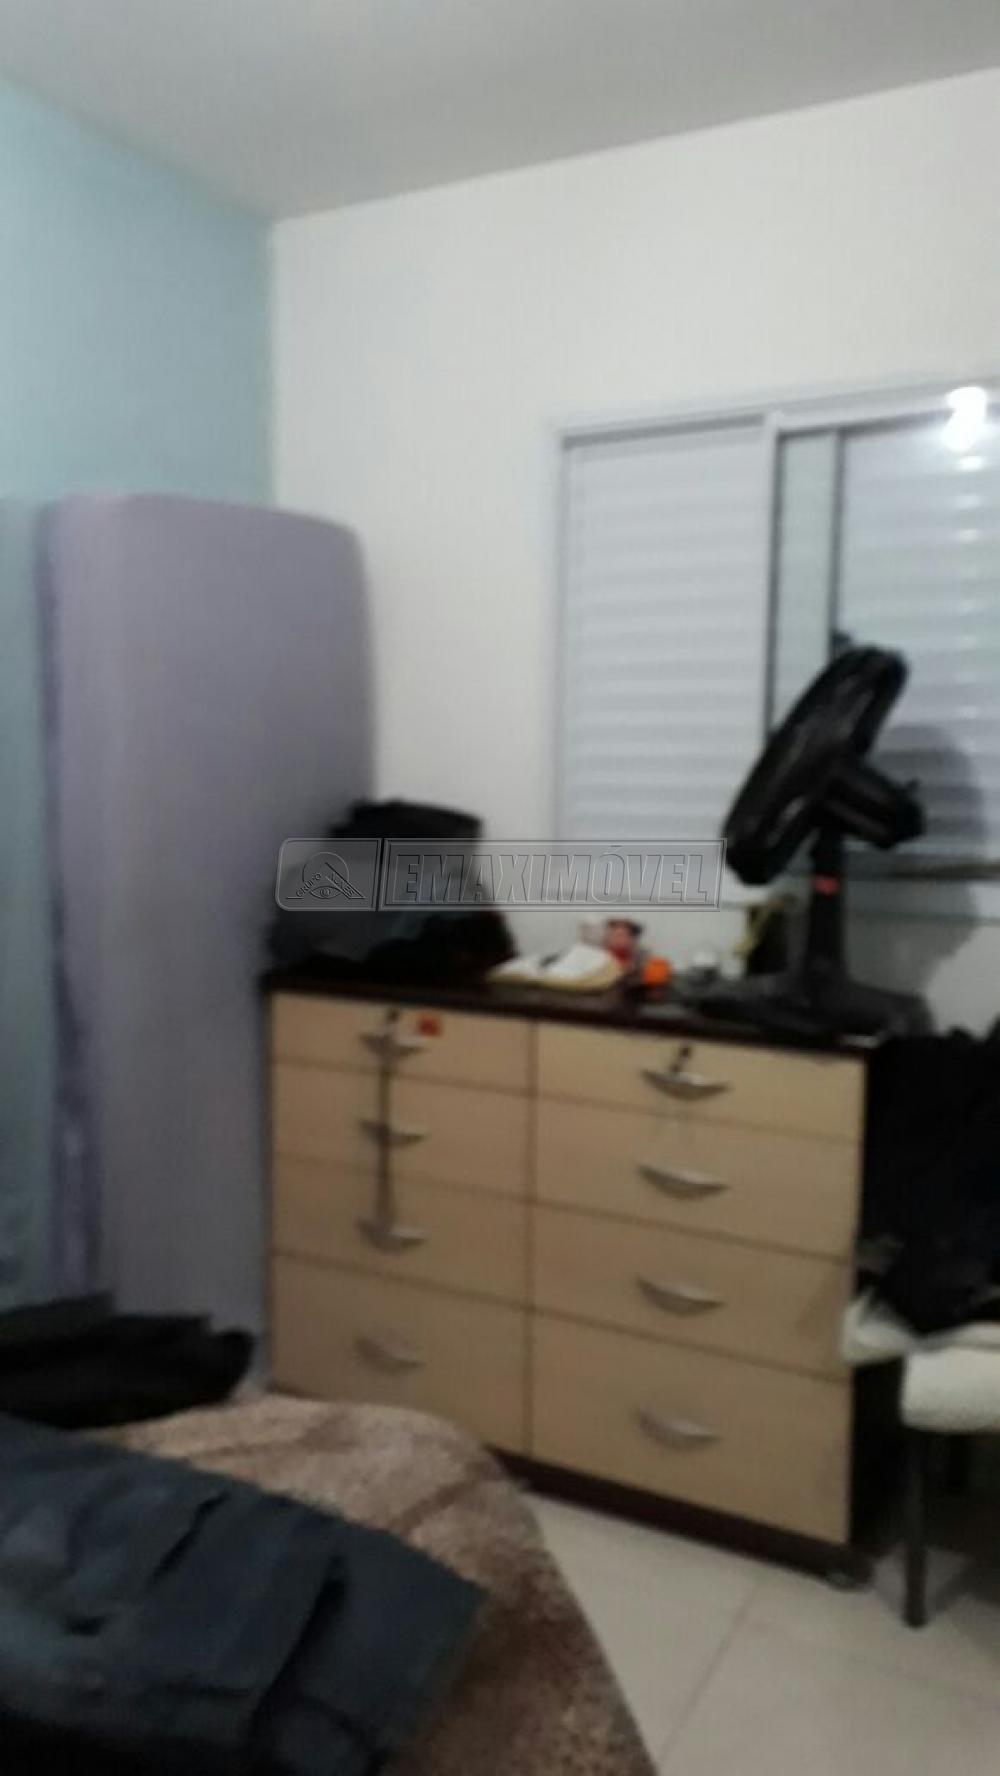 Comprar Casa / em Condomínios em Sorocaba R$ 270.000,00 - Foto 6